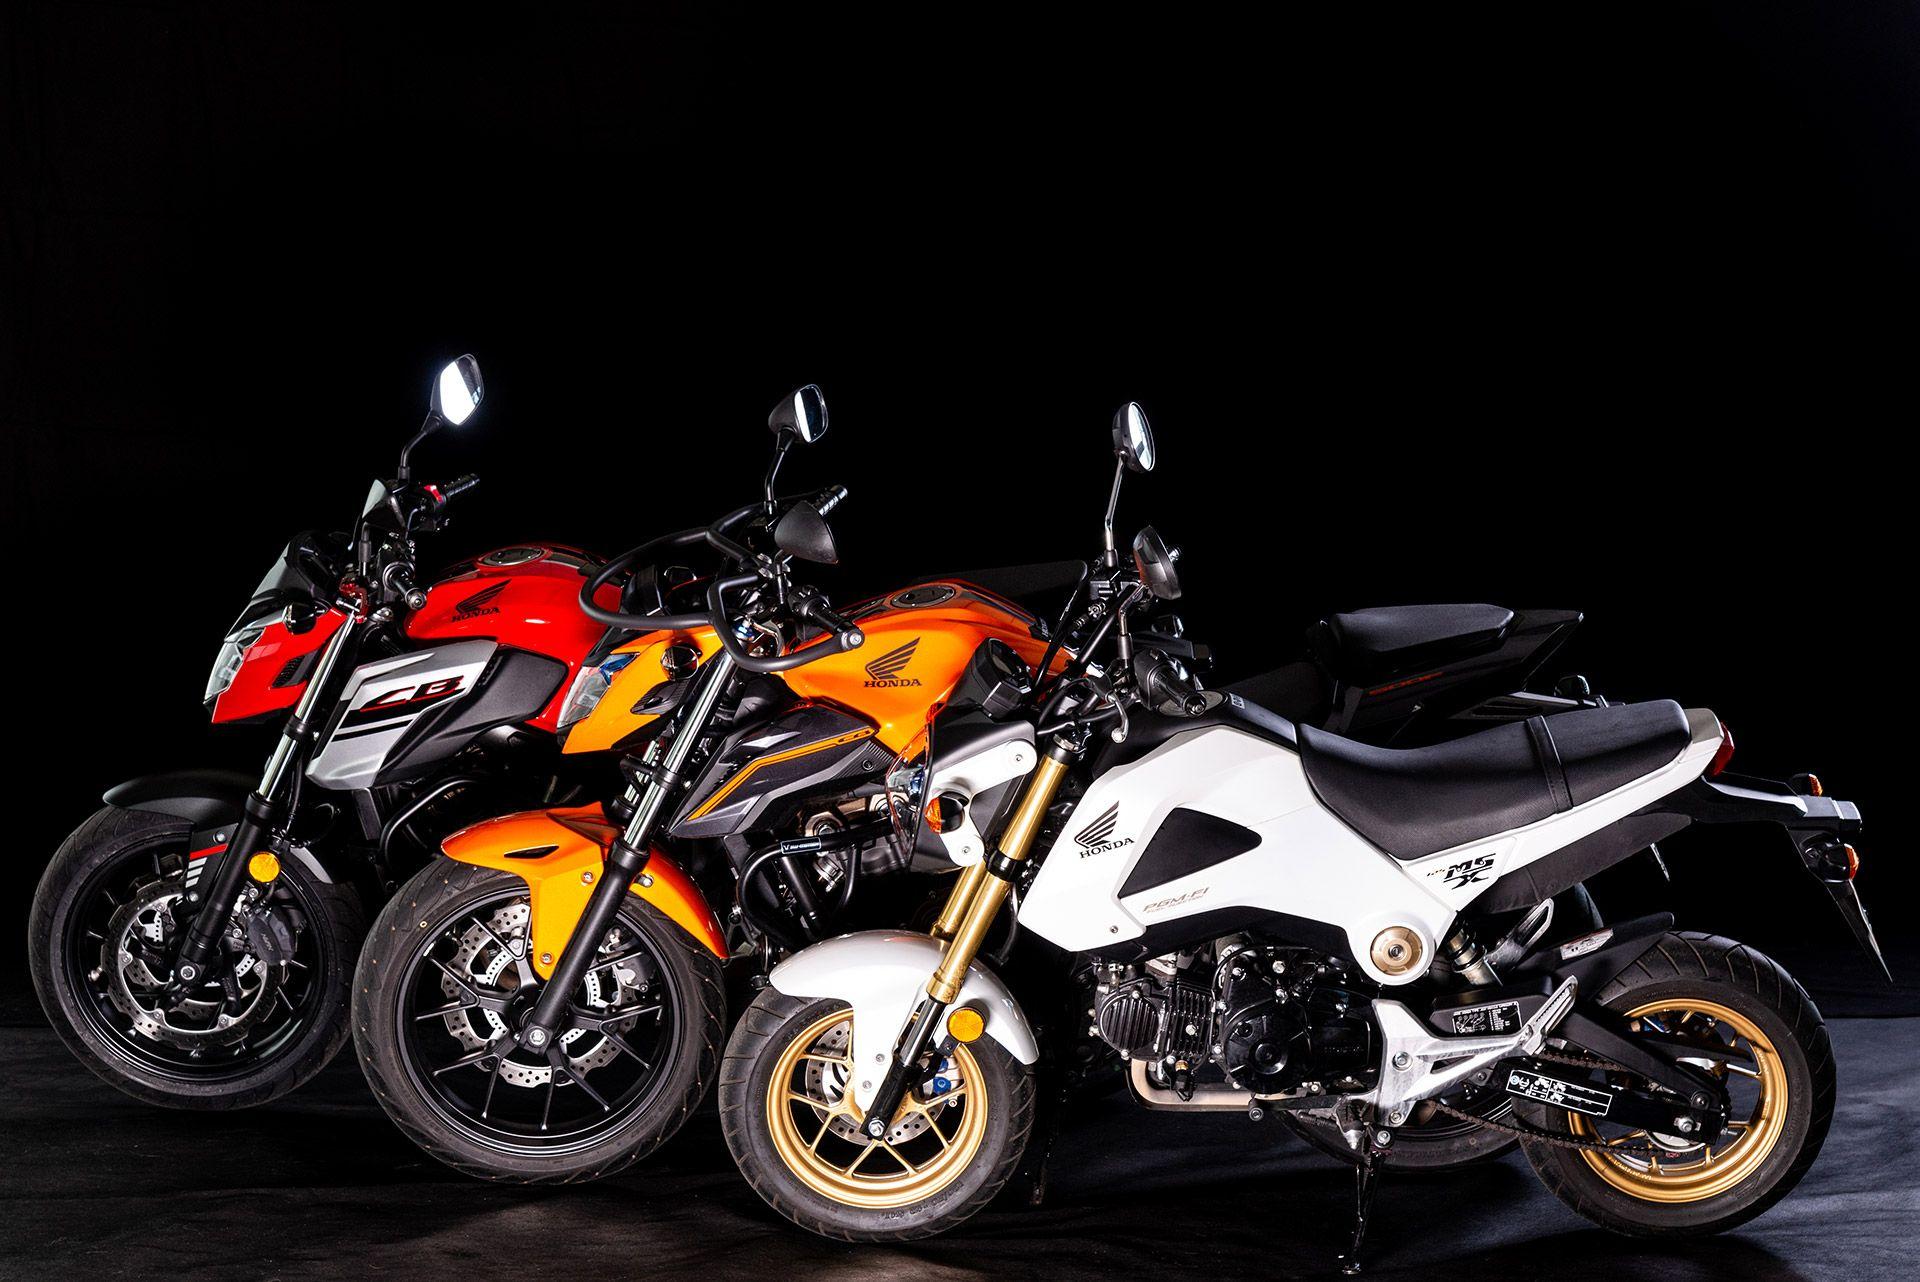 Fahrschule Berlin allroad 3 Motorräder der Marke Honda